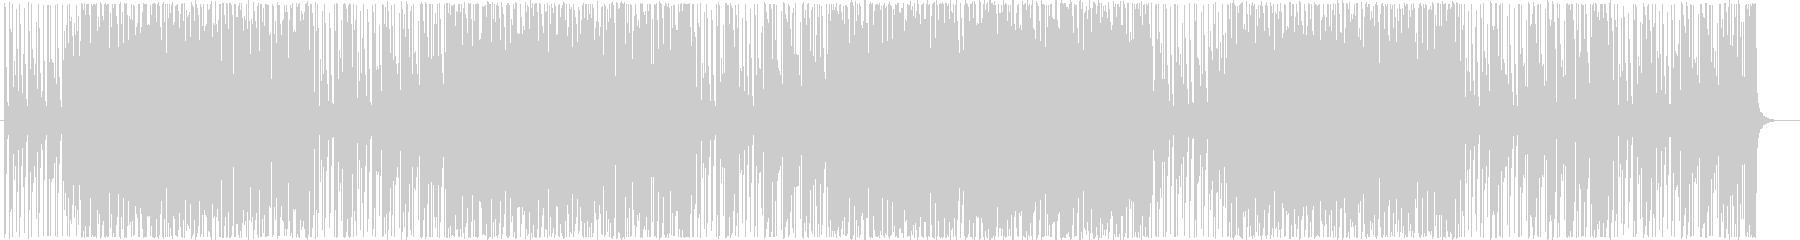 掛け声とクラップが印象的なギターロックの未再生の波形